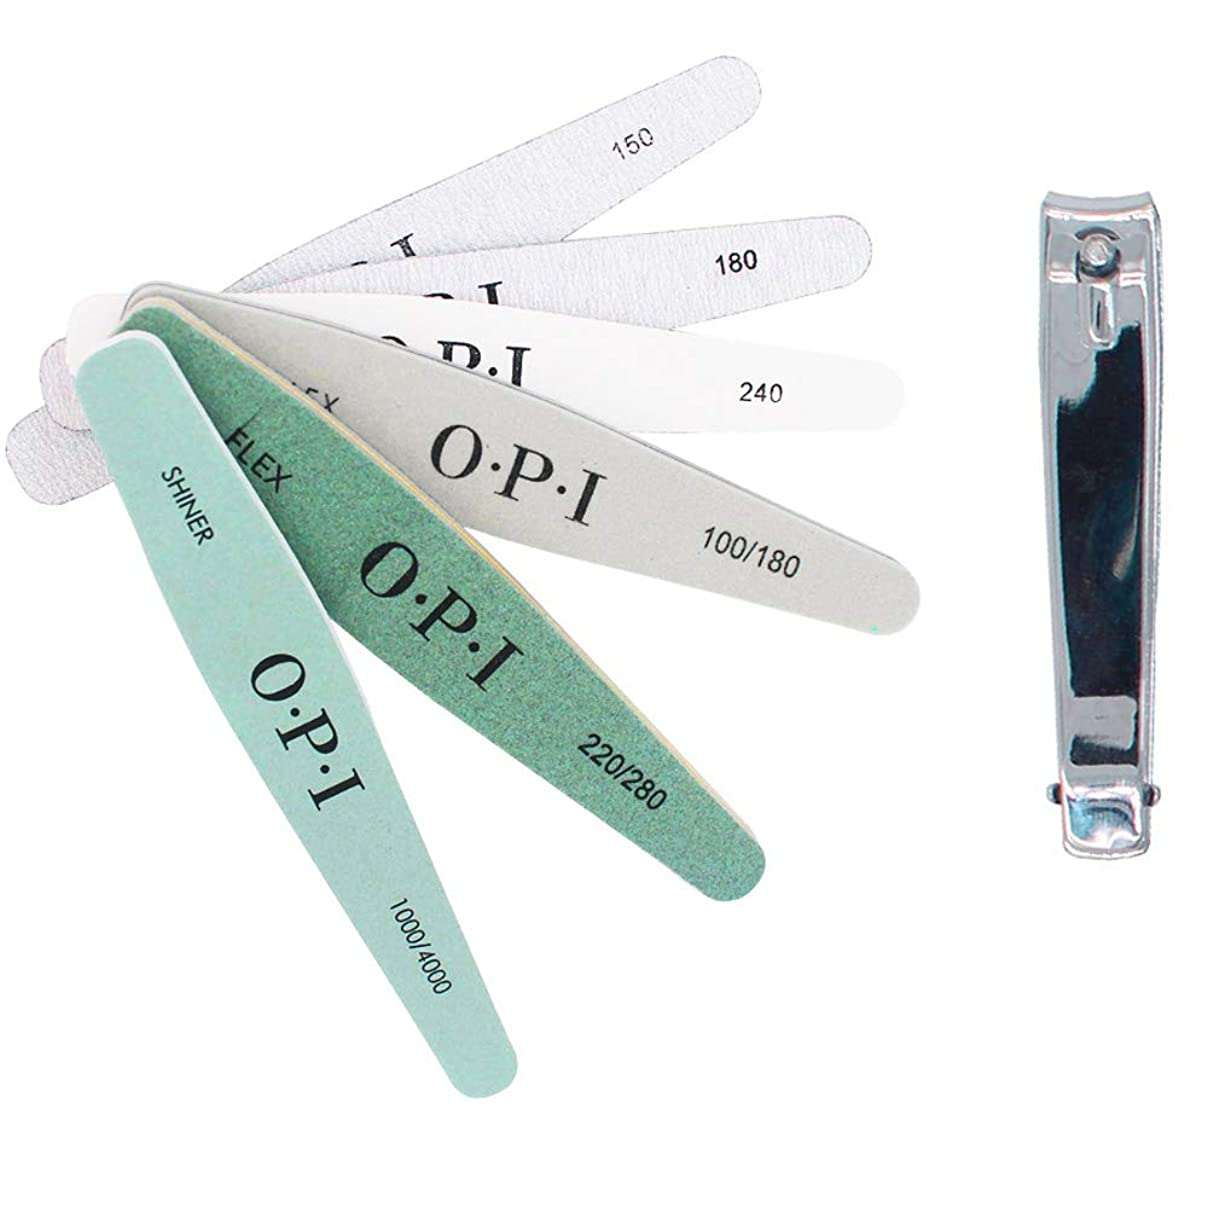 休憩する商業の盲信KINYOOOスポンジファイル、爪やすり、ネイルをつやつやに、のネイルツール、 150/180/200/240/280/1000/4000と(1 PCSメタルネイルはさみ)、ネイルケア用化粧マニキュアペディキュアセット。